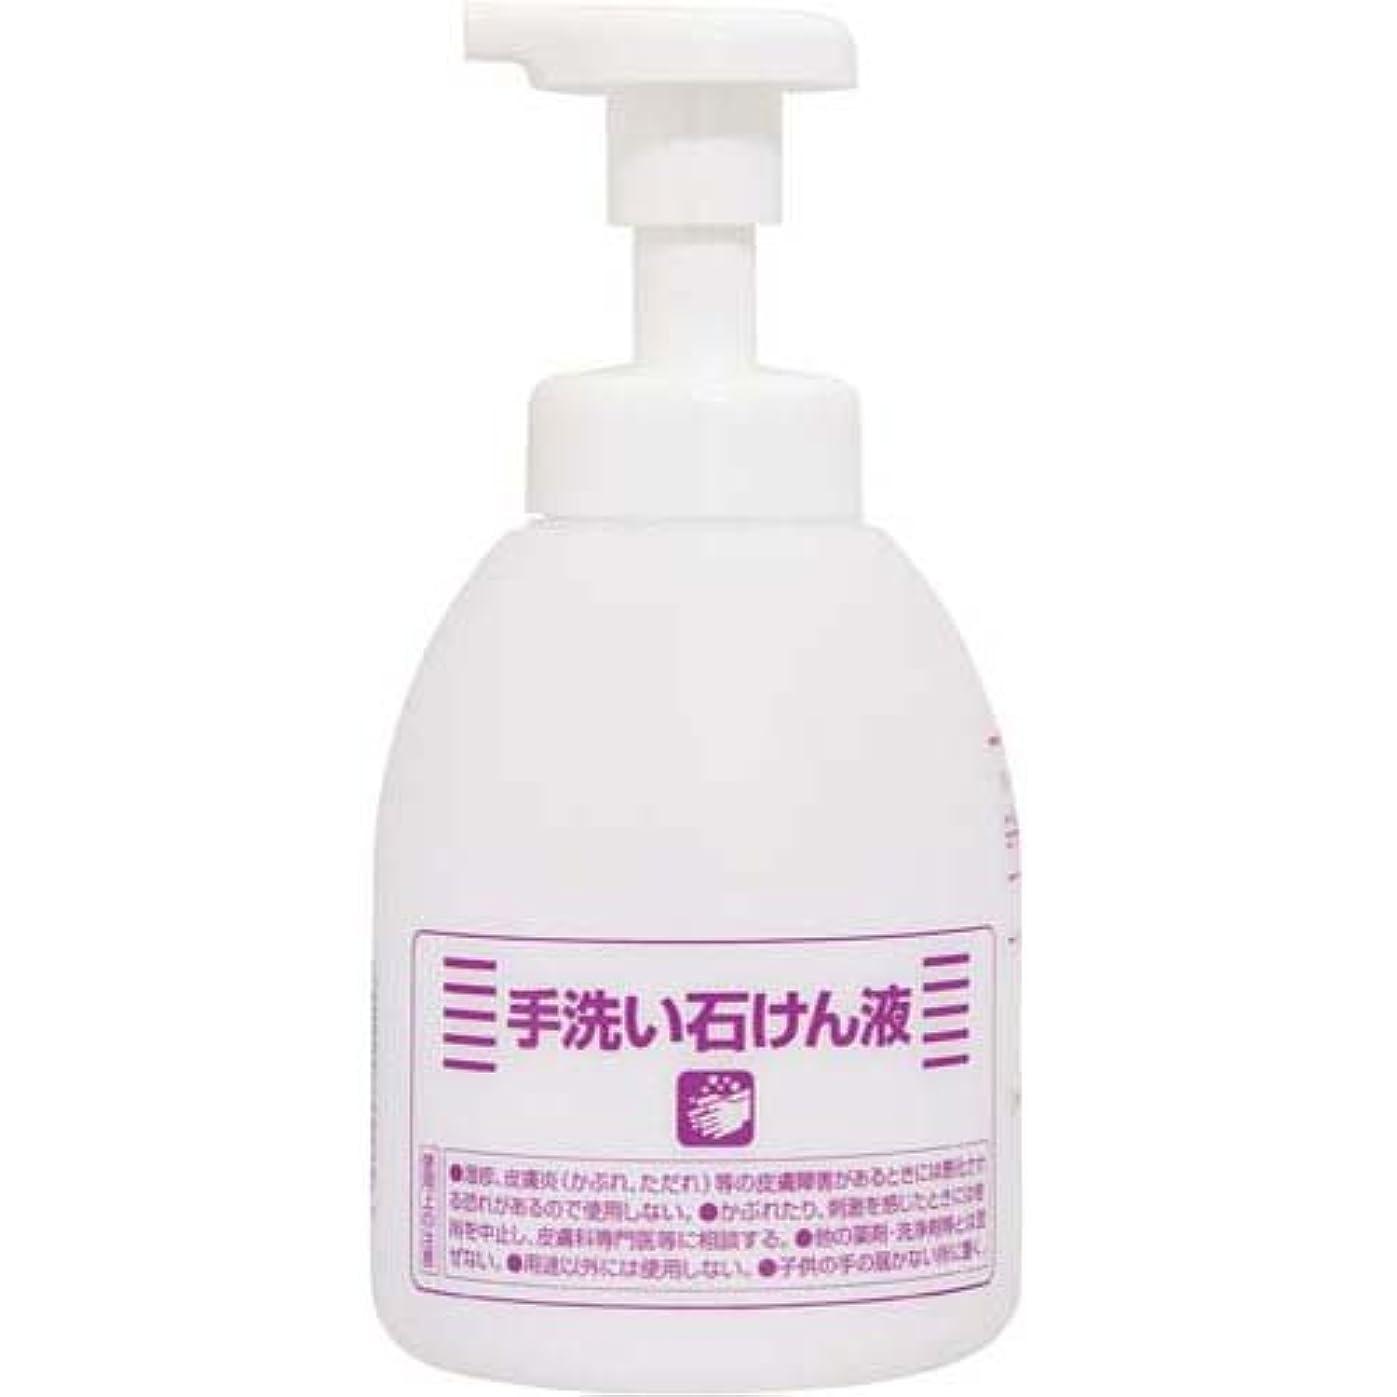 グリット用量サイレンニイタカ 薬用ハンドソープ 専用空ボトル500ml×6本